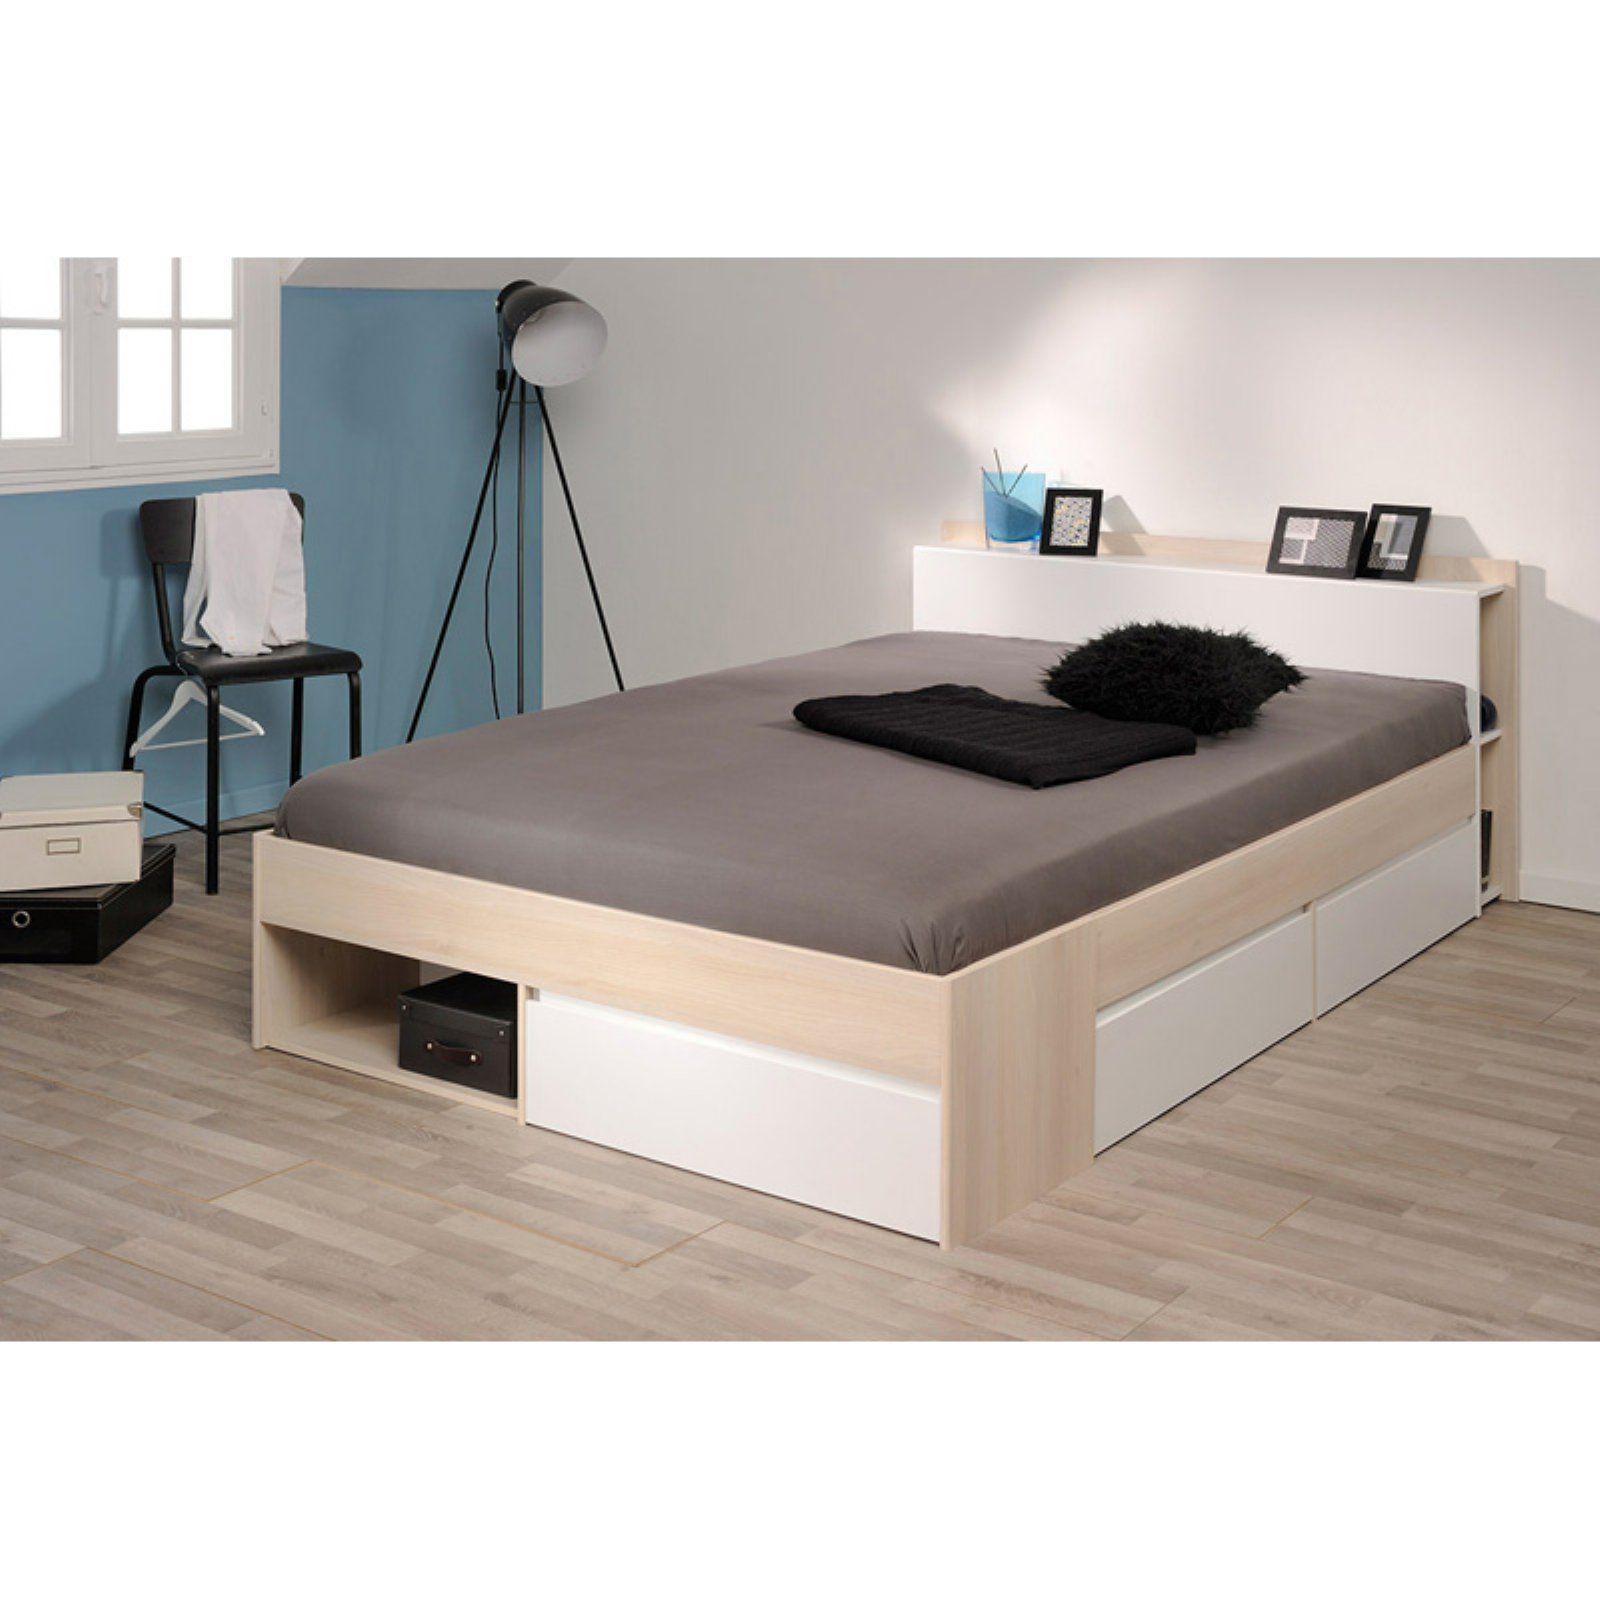 Parisot Roomsmart Most Storage Platform Bed Full Platform Bed